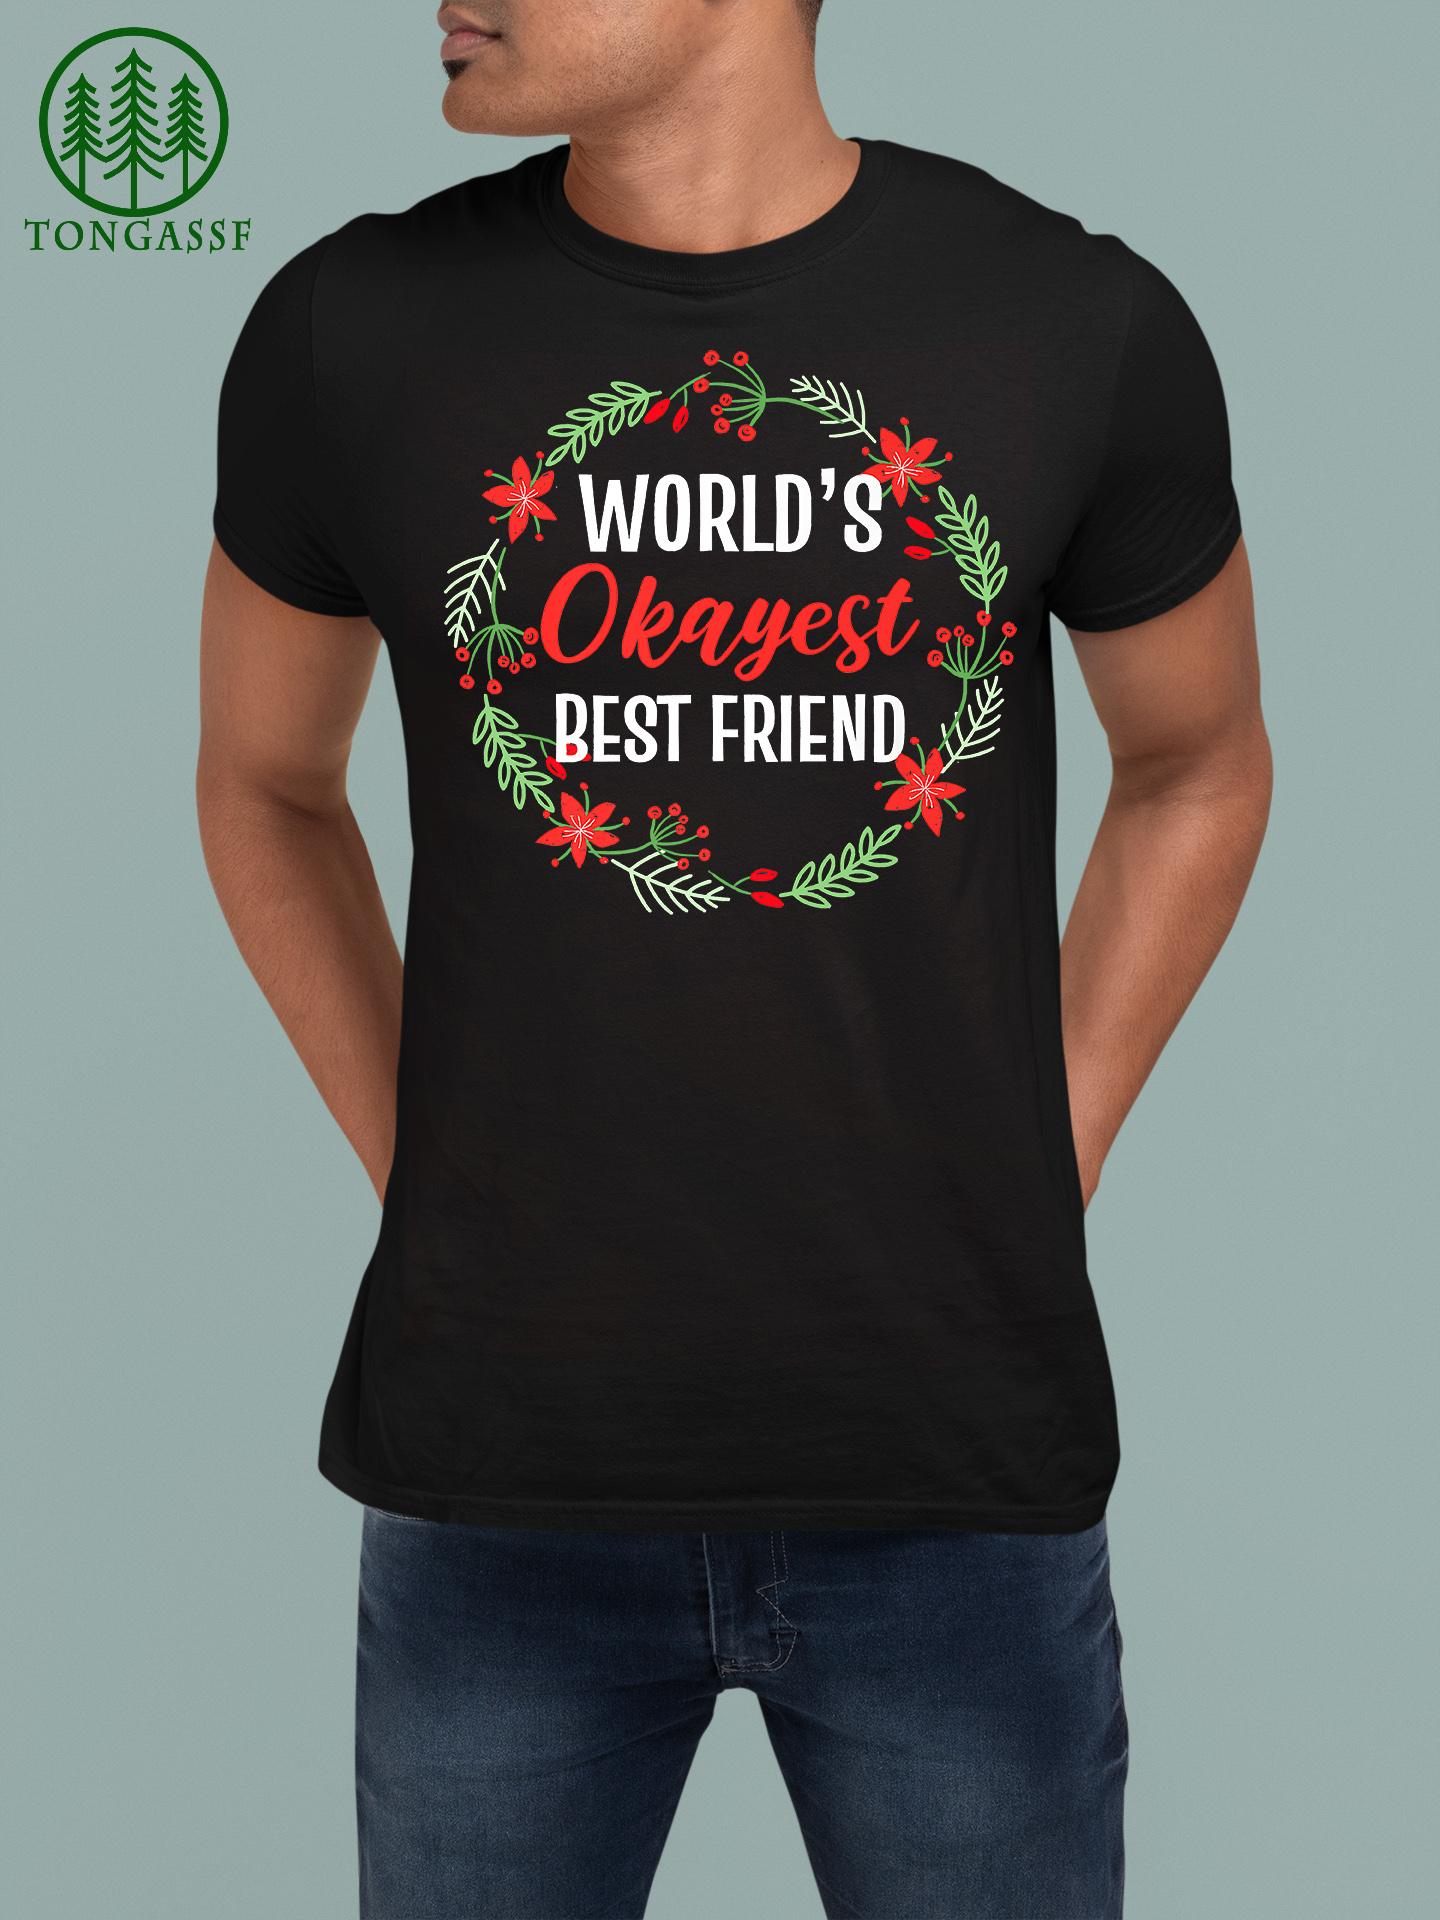 World Okayest Best Friend Friendship Best Friends Premium T Shirt